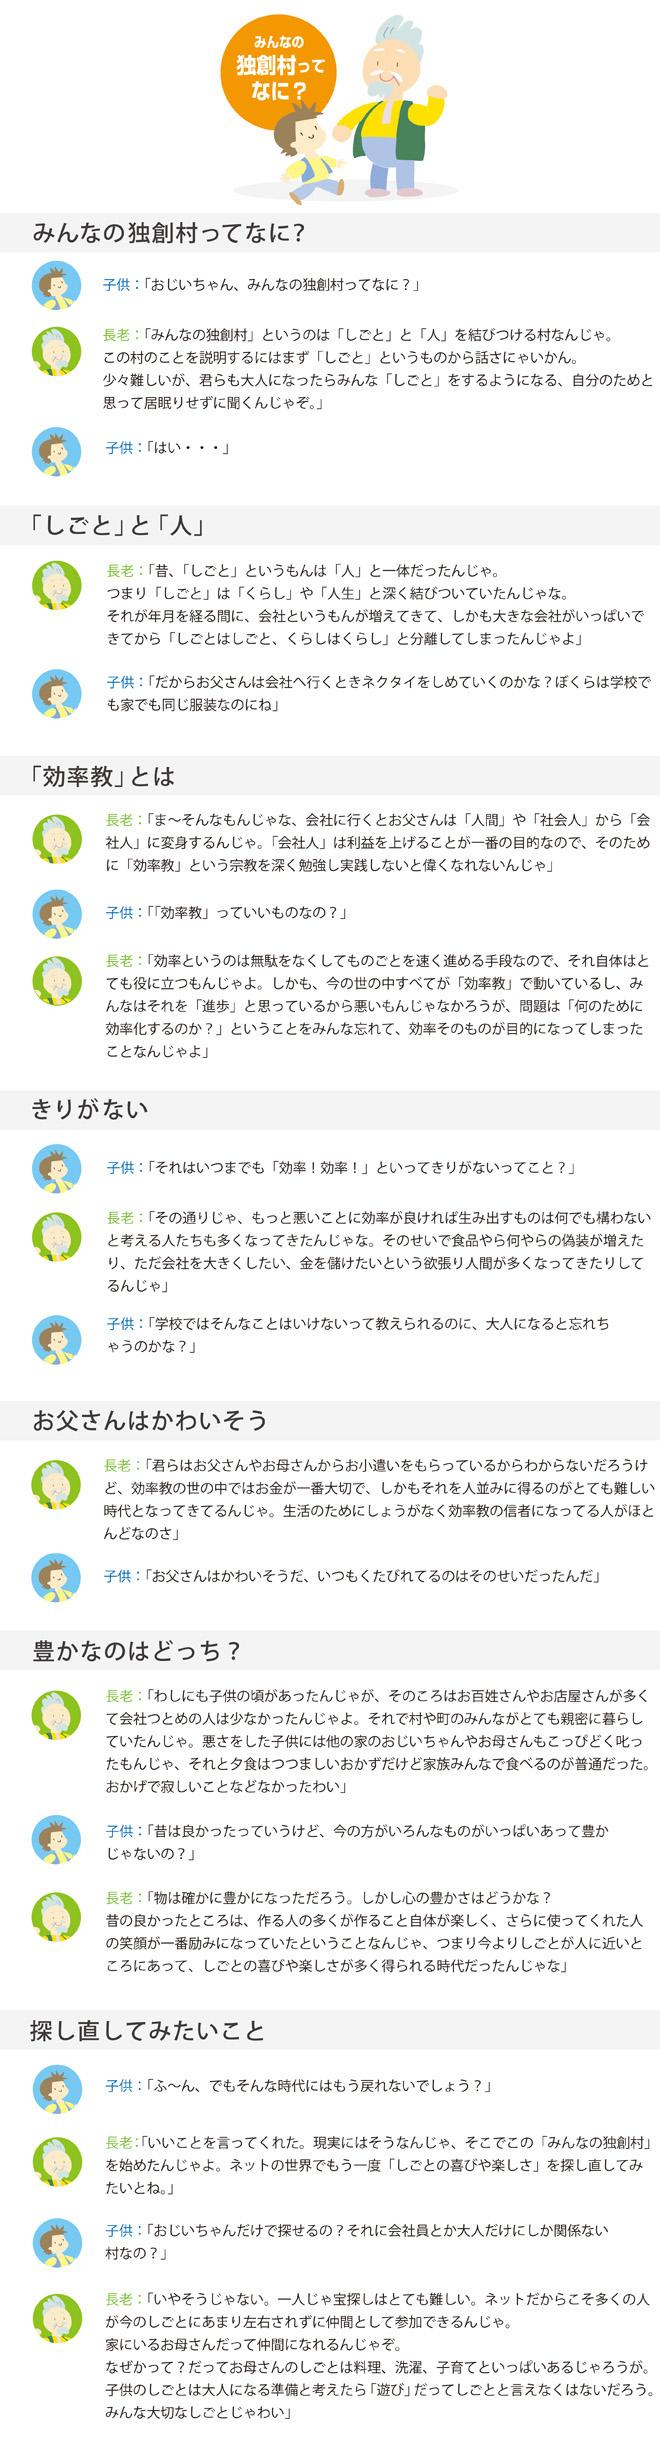 dsm_dokusoumurawhat1.jpg